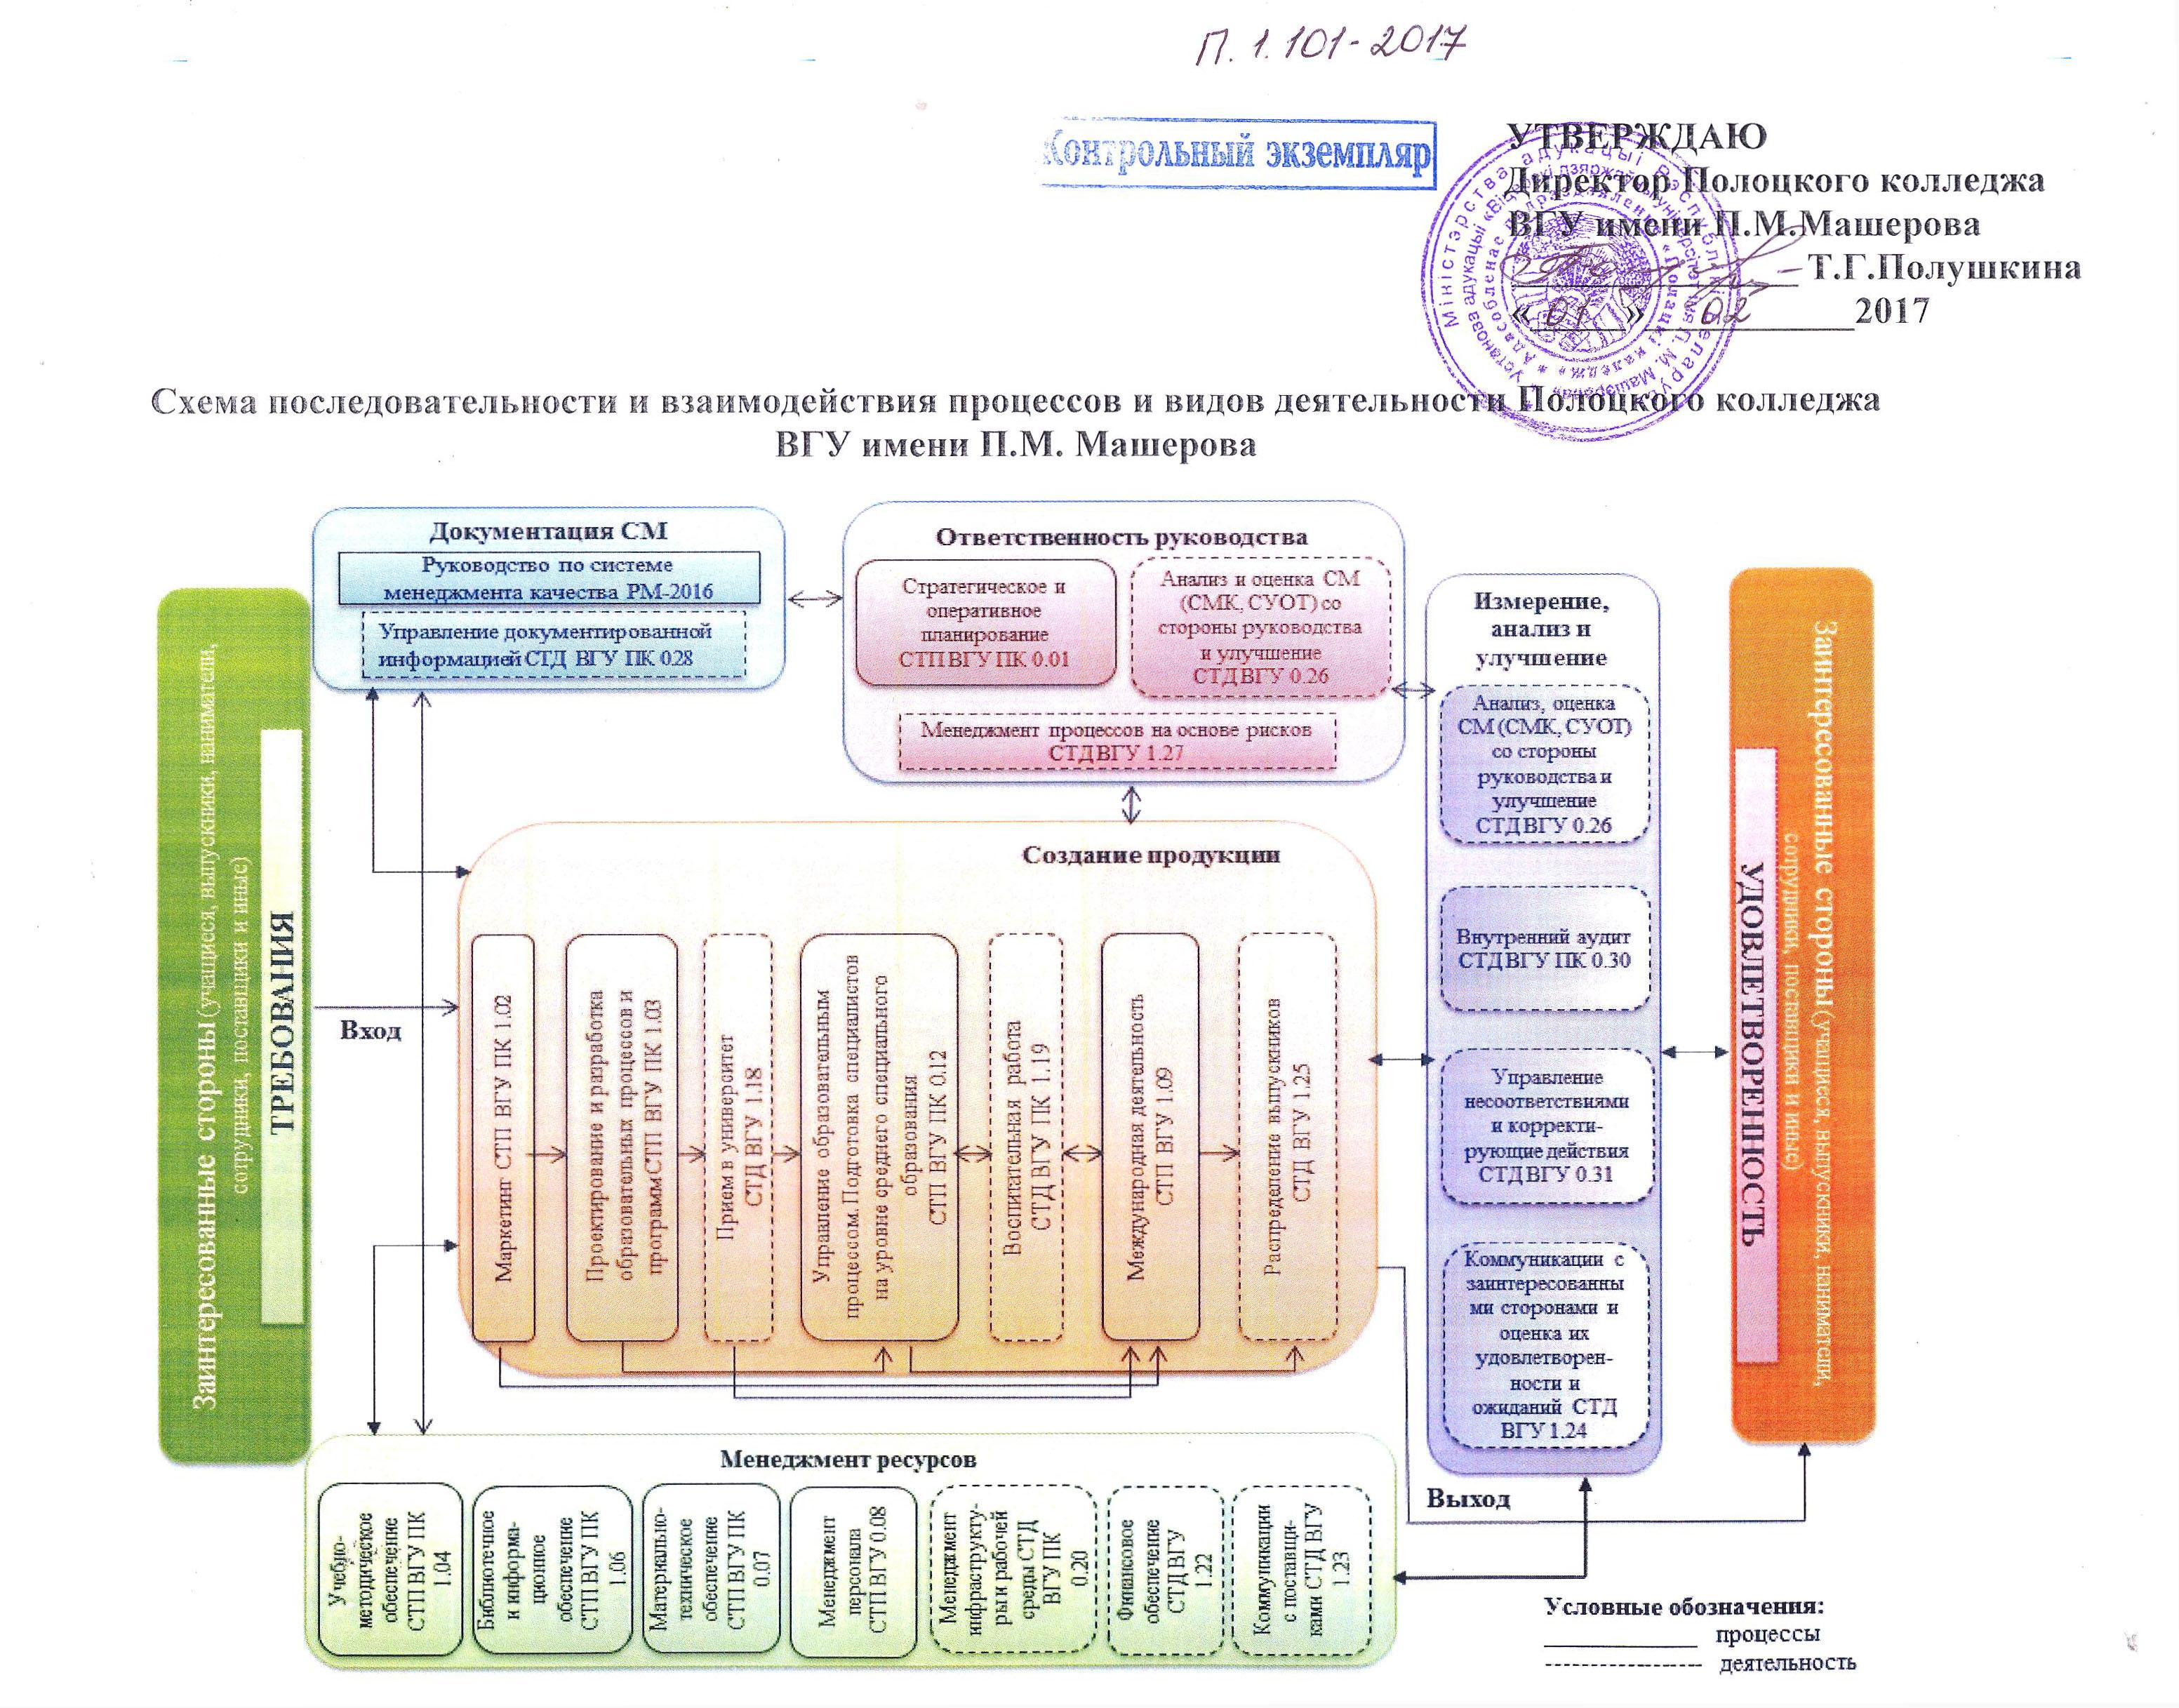 Схема взаимодействия процессов смк